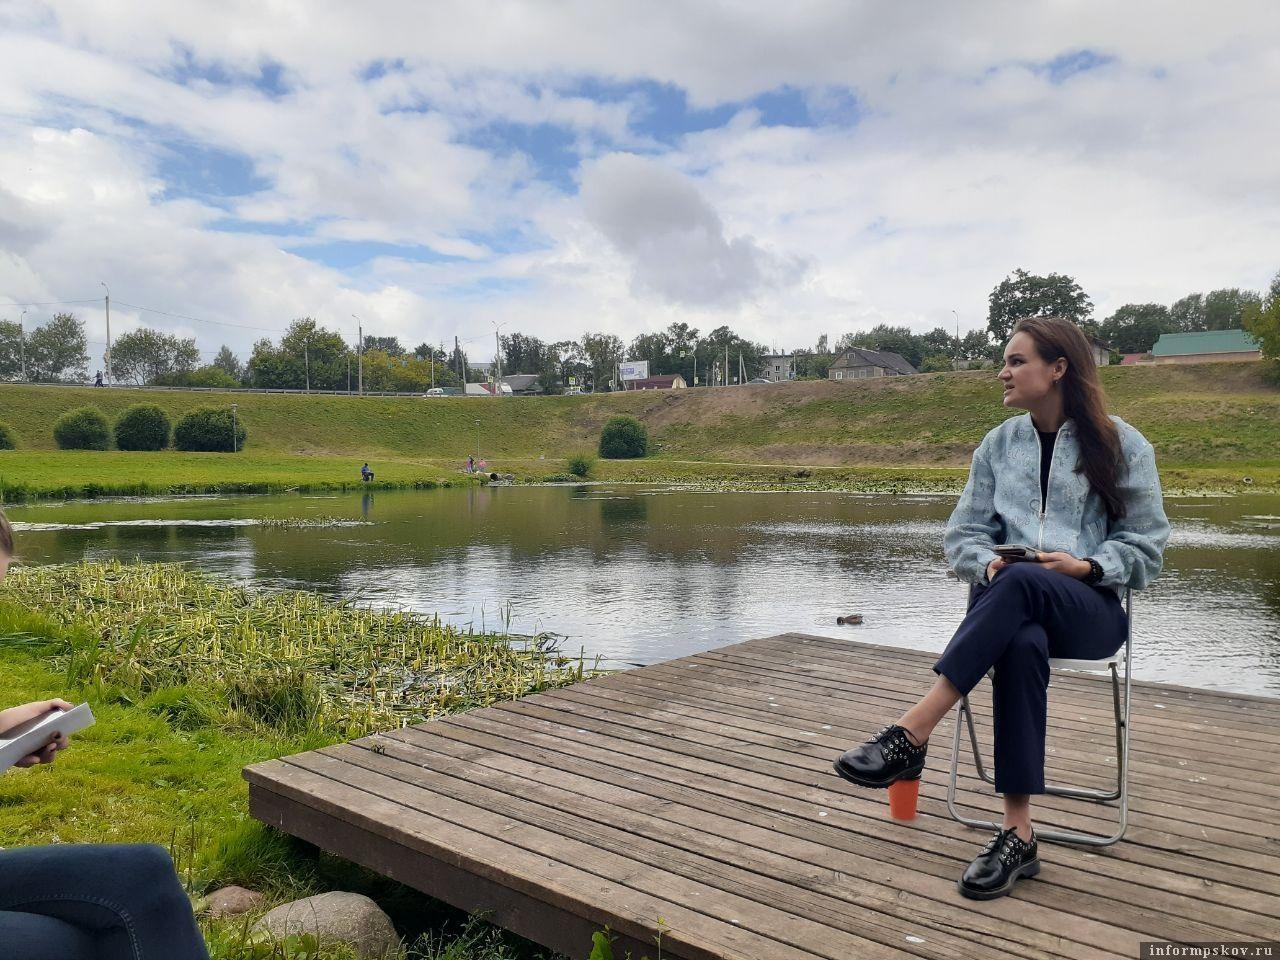 В этом месте в псковском дендропарке поставят плавучую сцену. Фото ПАИ.